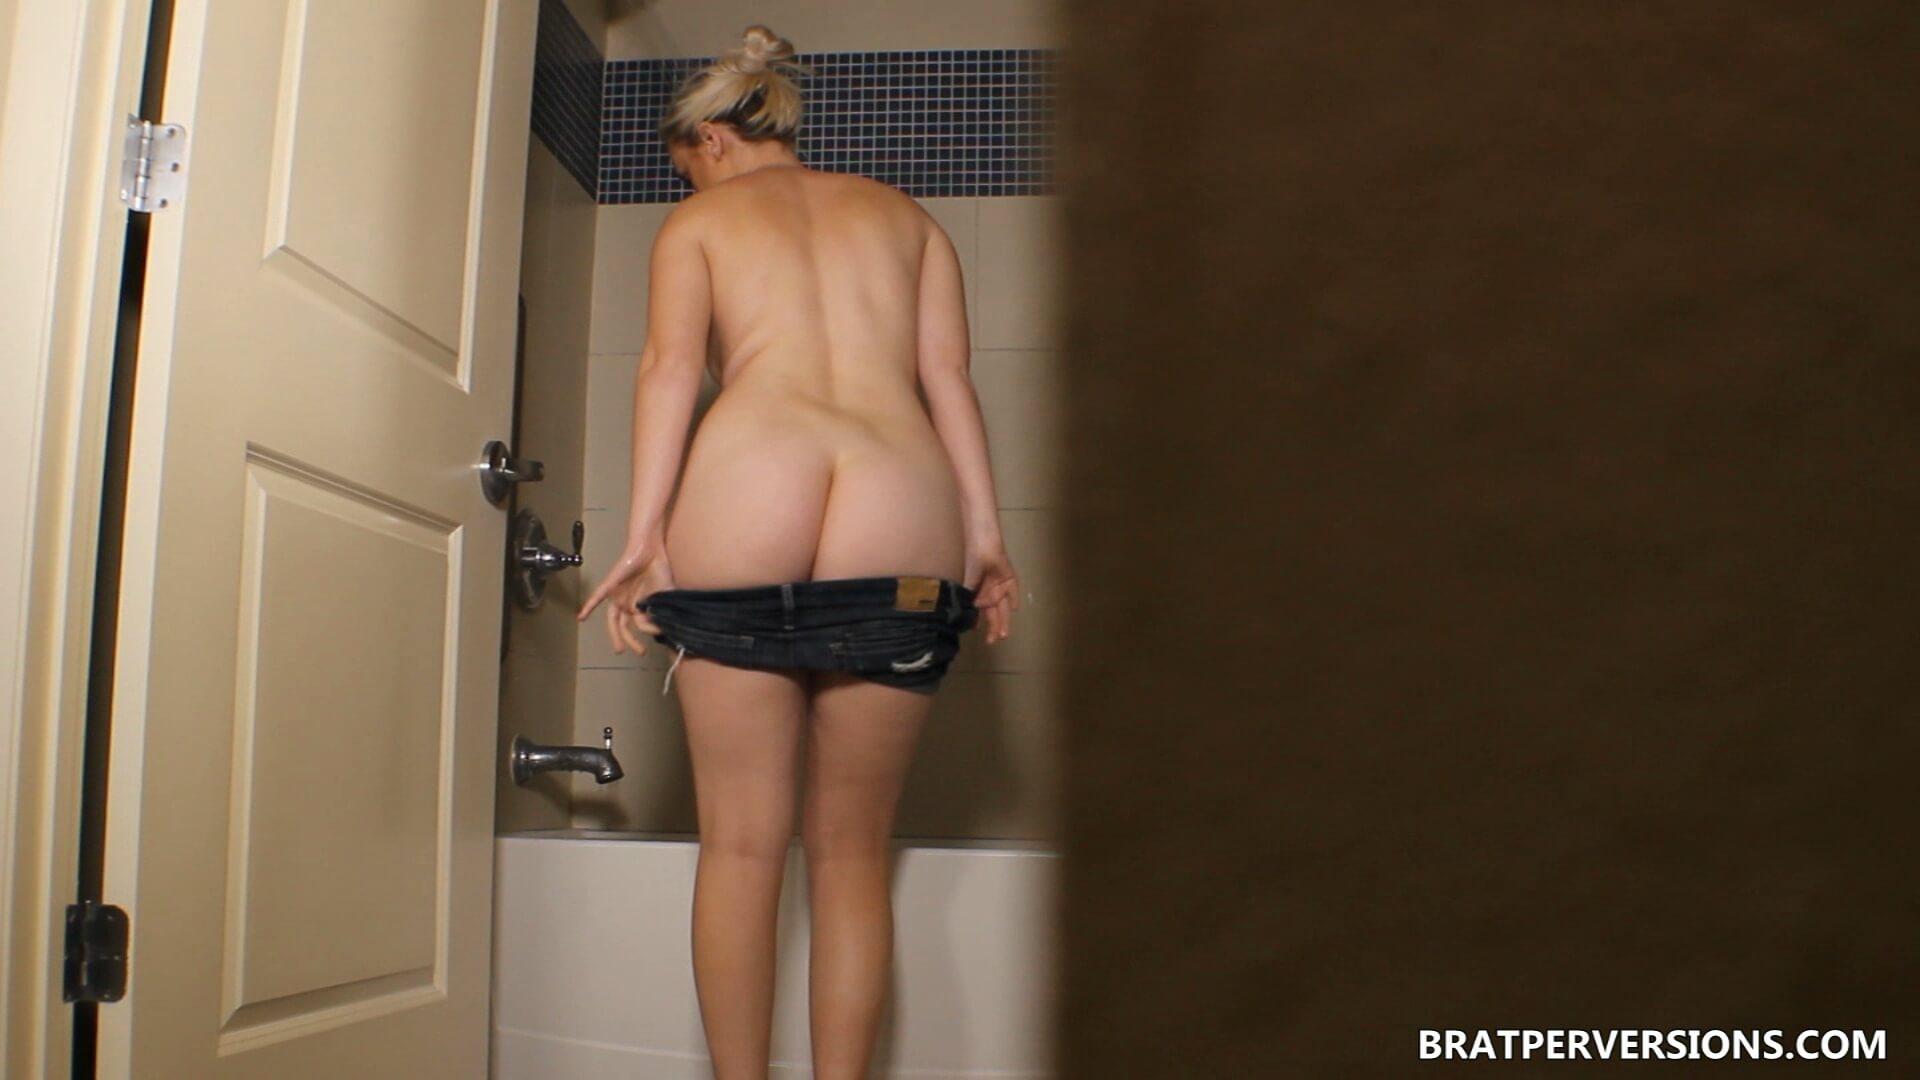 voyeur masturbates at the shower